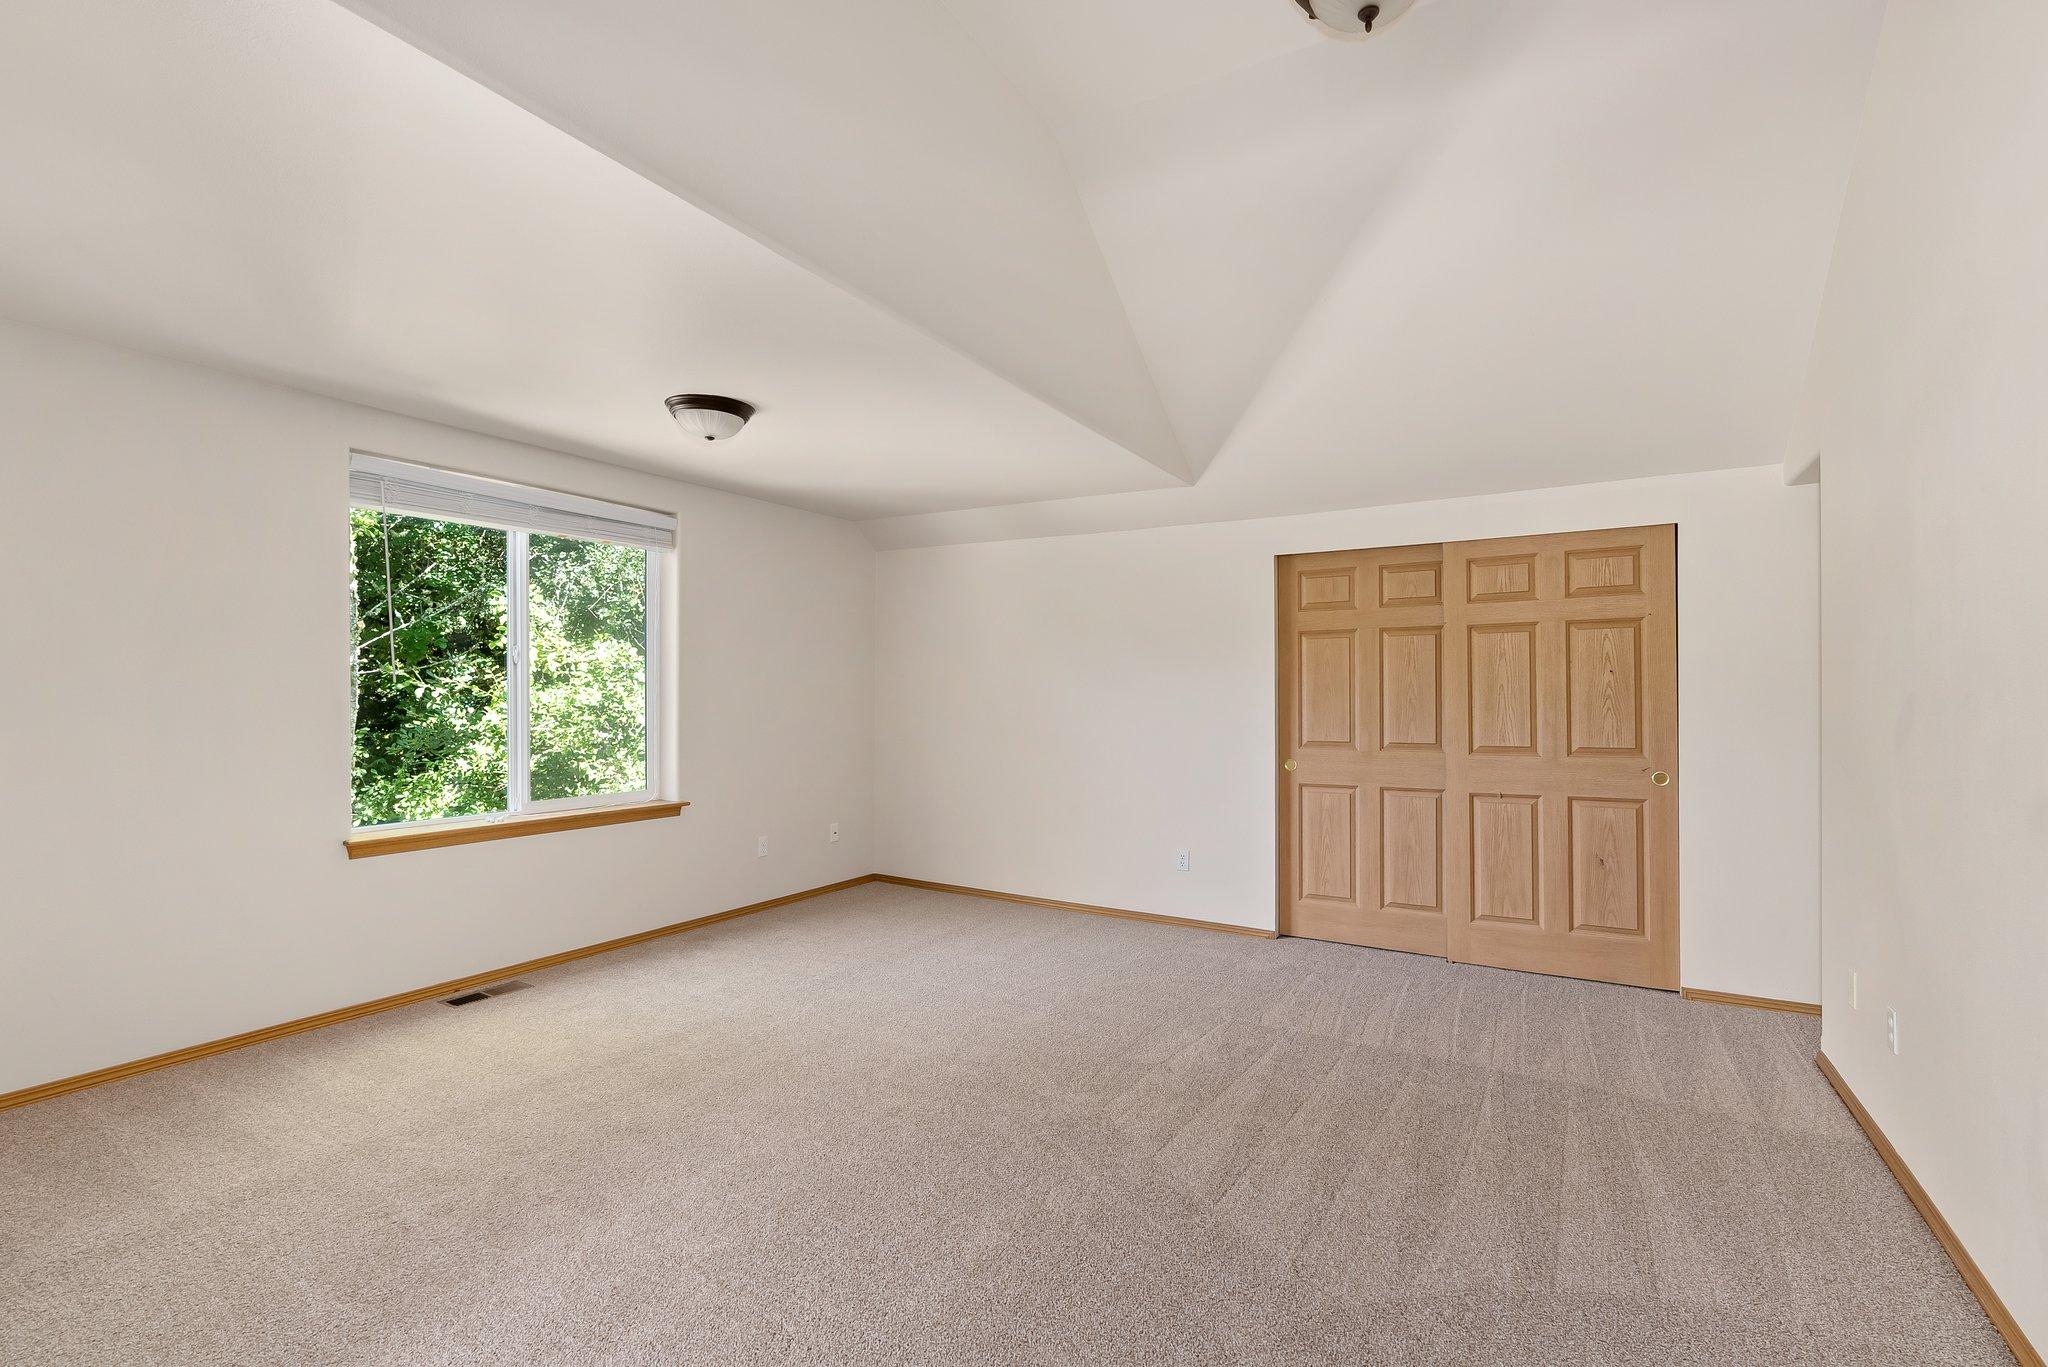 7900 Woods Estate Ln NE, Olympia, WA 98506, USA Photo 21